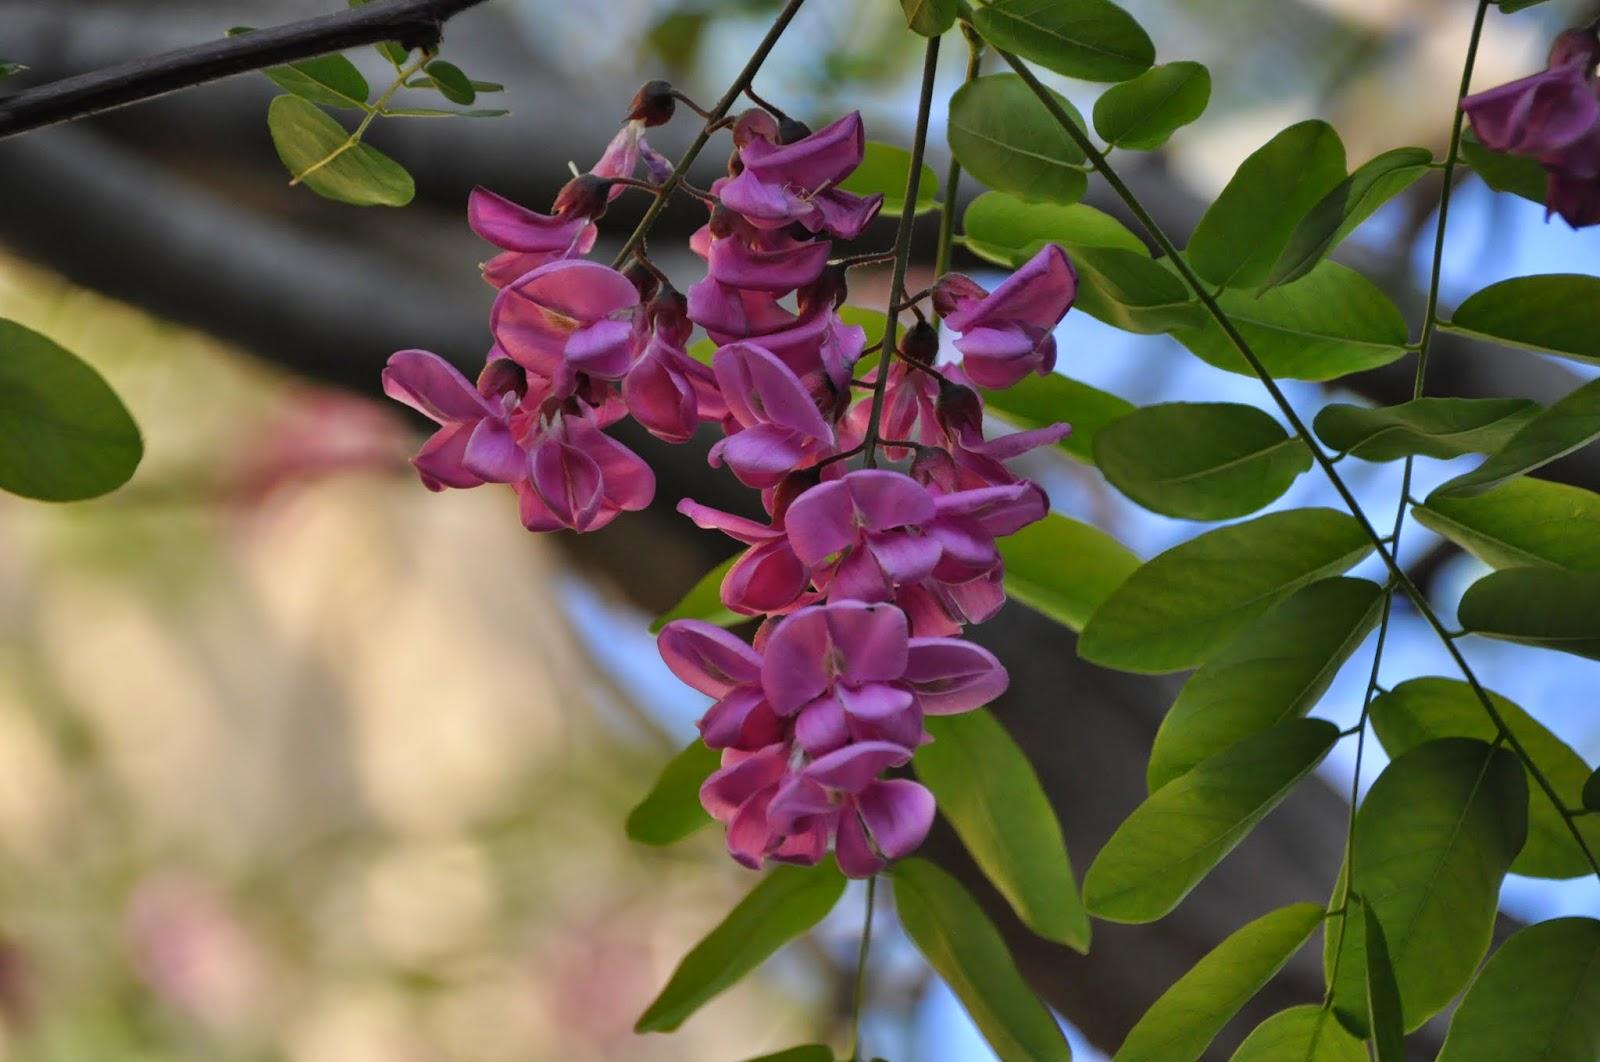 Cagliari in verde la robinia dai fiori rosa for Fiori bianchi profumati a grappolo